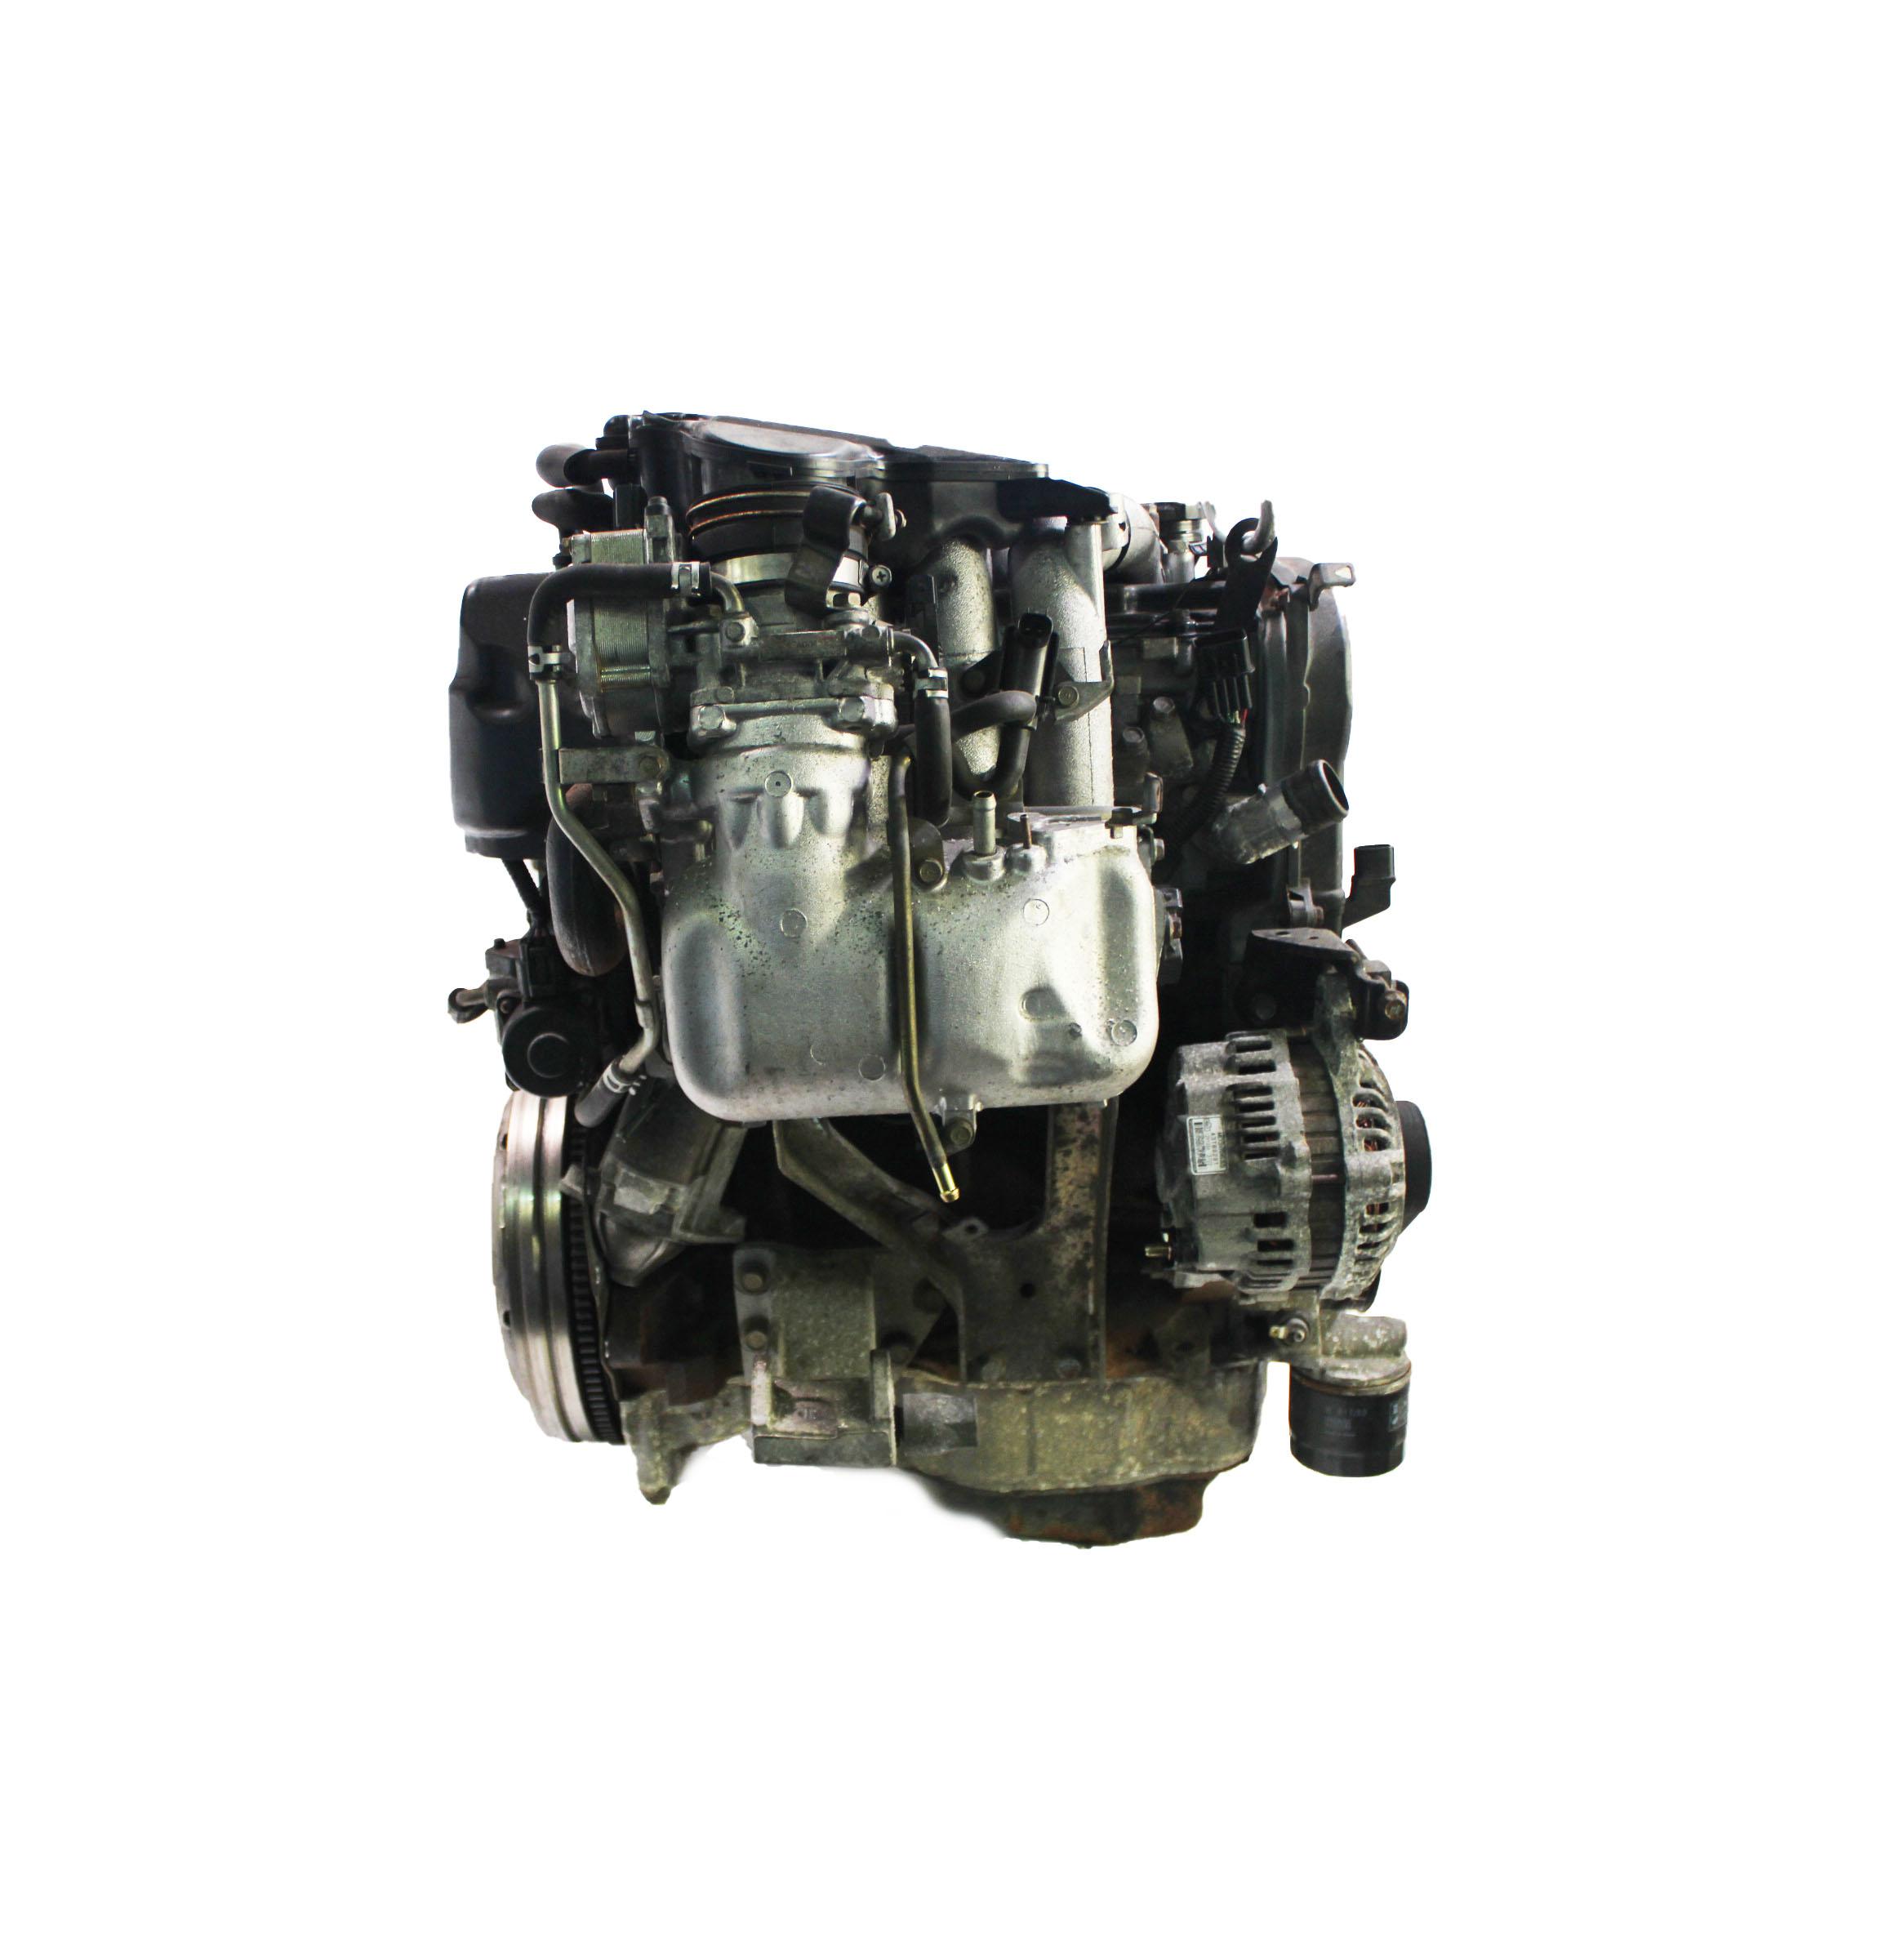 Motor 2004 für Mitsubishi Pajero Shogun Pinin H6 2,0 GDI Benzin 4G94 124.000 KM